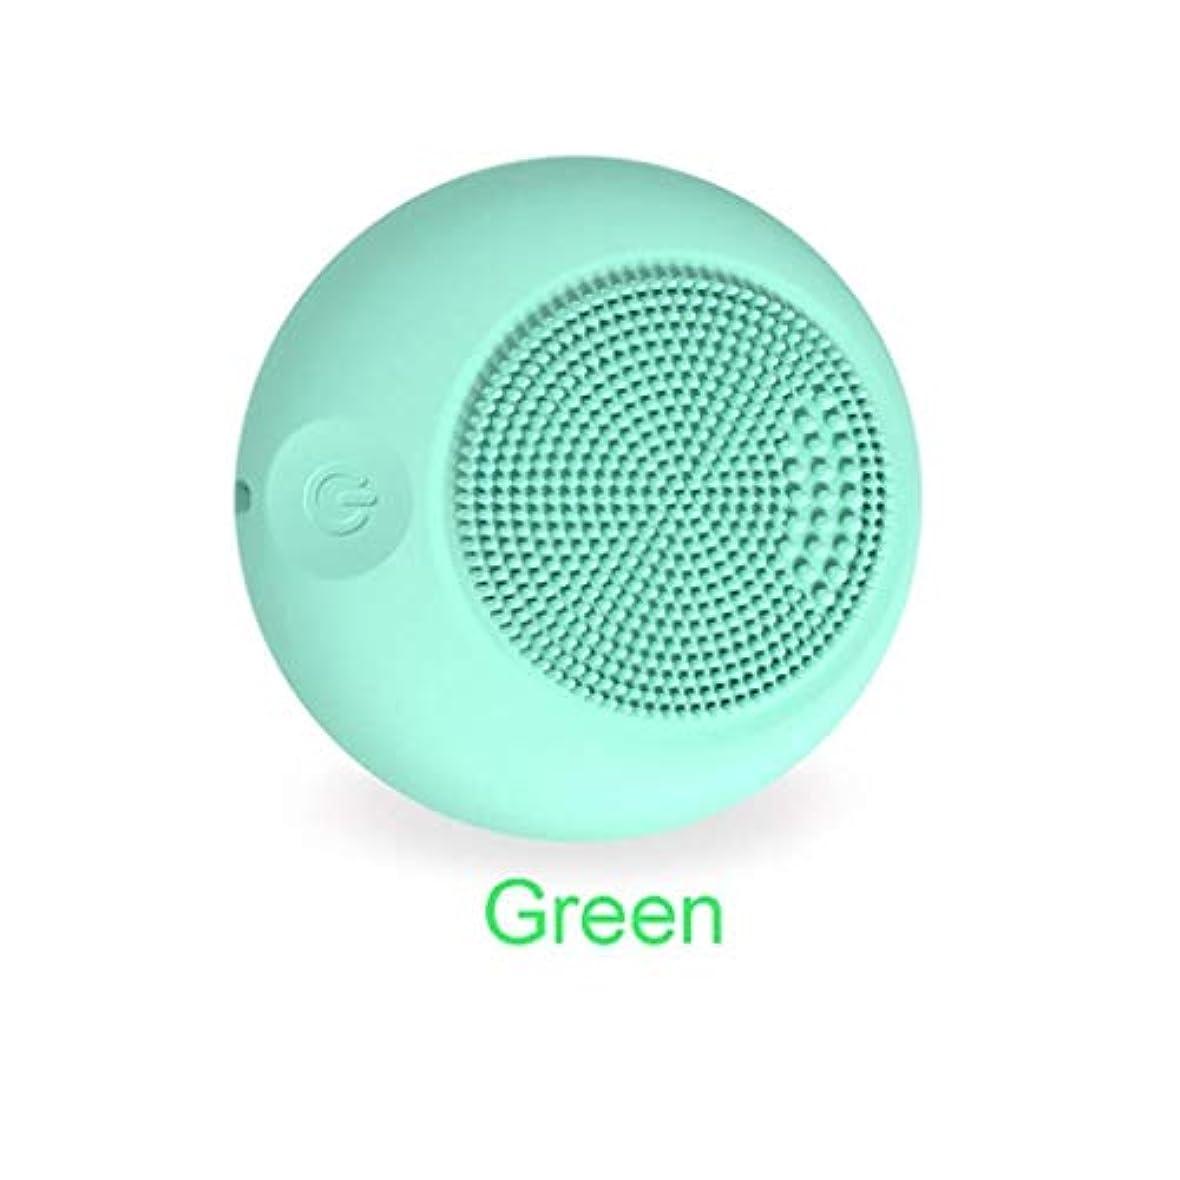 制限する修理工弱まるクレンジングブラシ、電動フェイシャルマッサージ、振動シリコンフェイシャルディープクリーン電気防水マッサージクレンザー (Color : 緑)